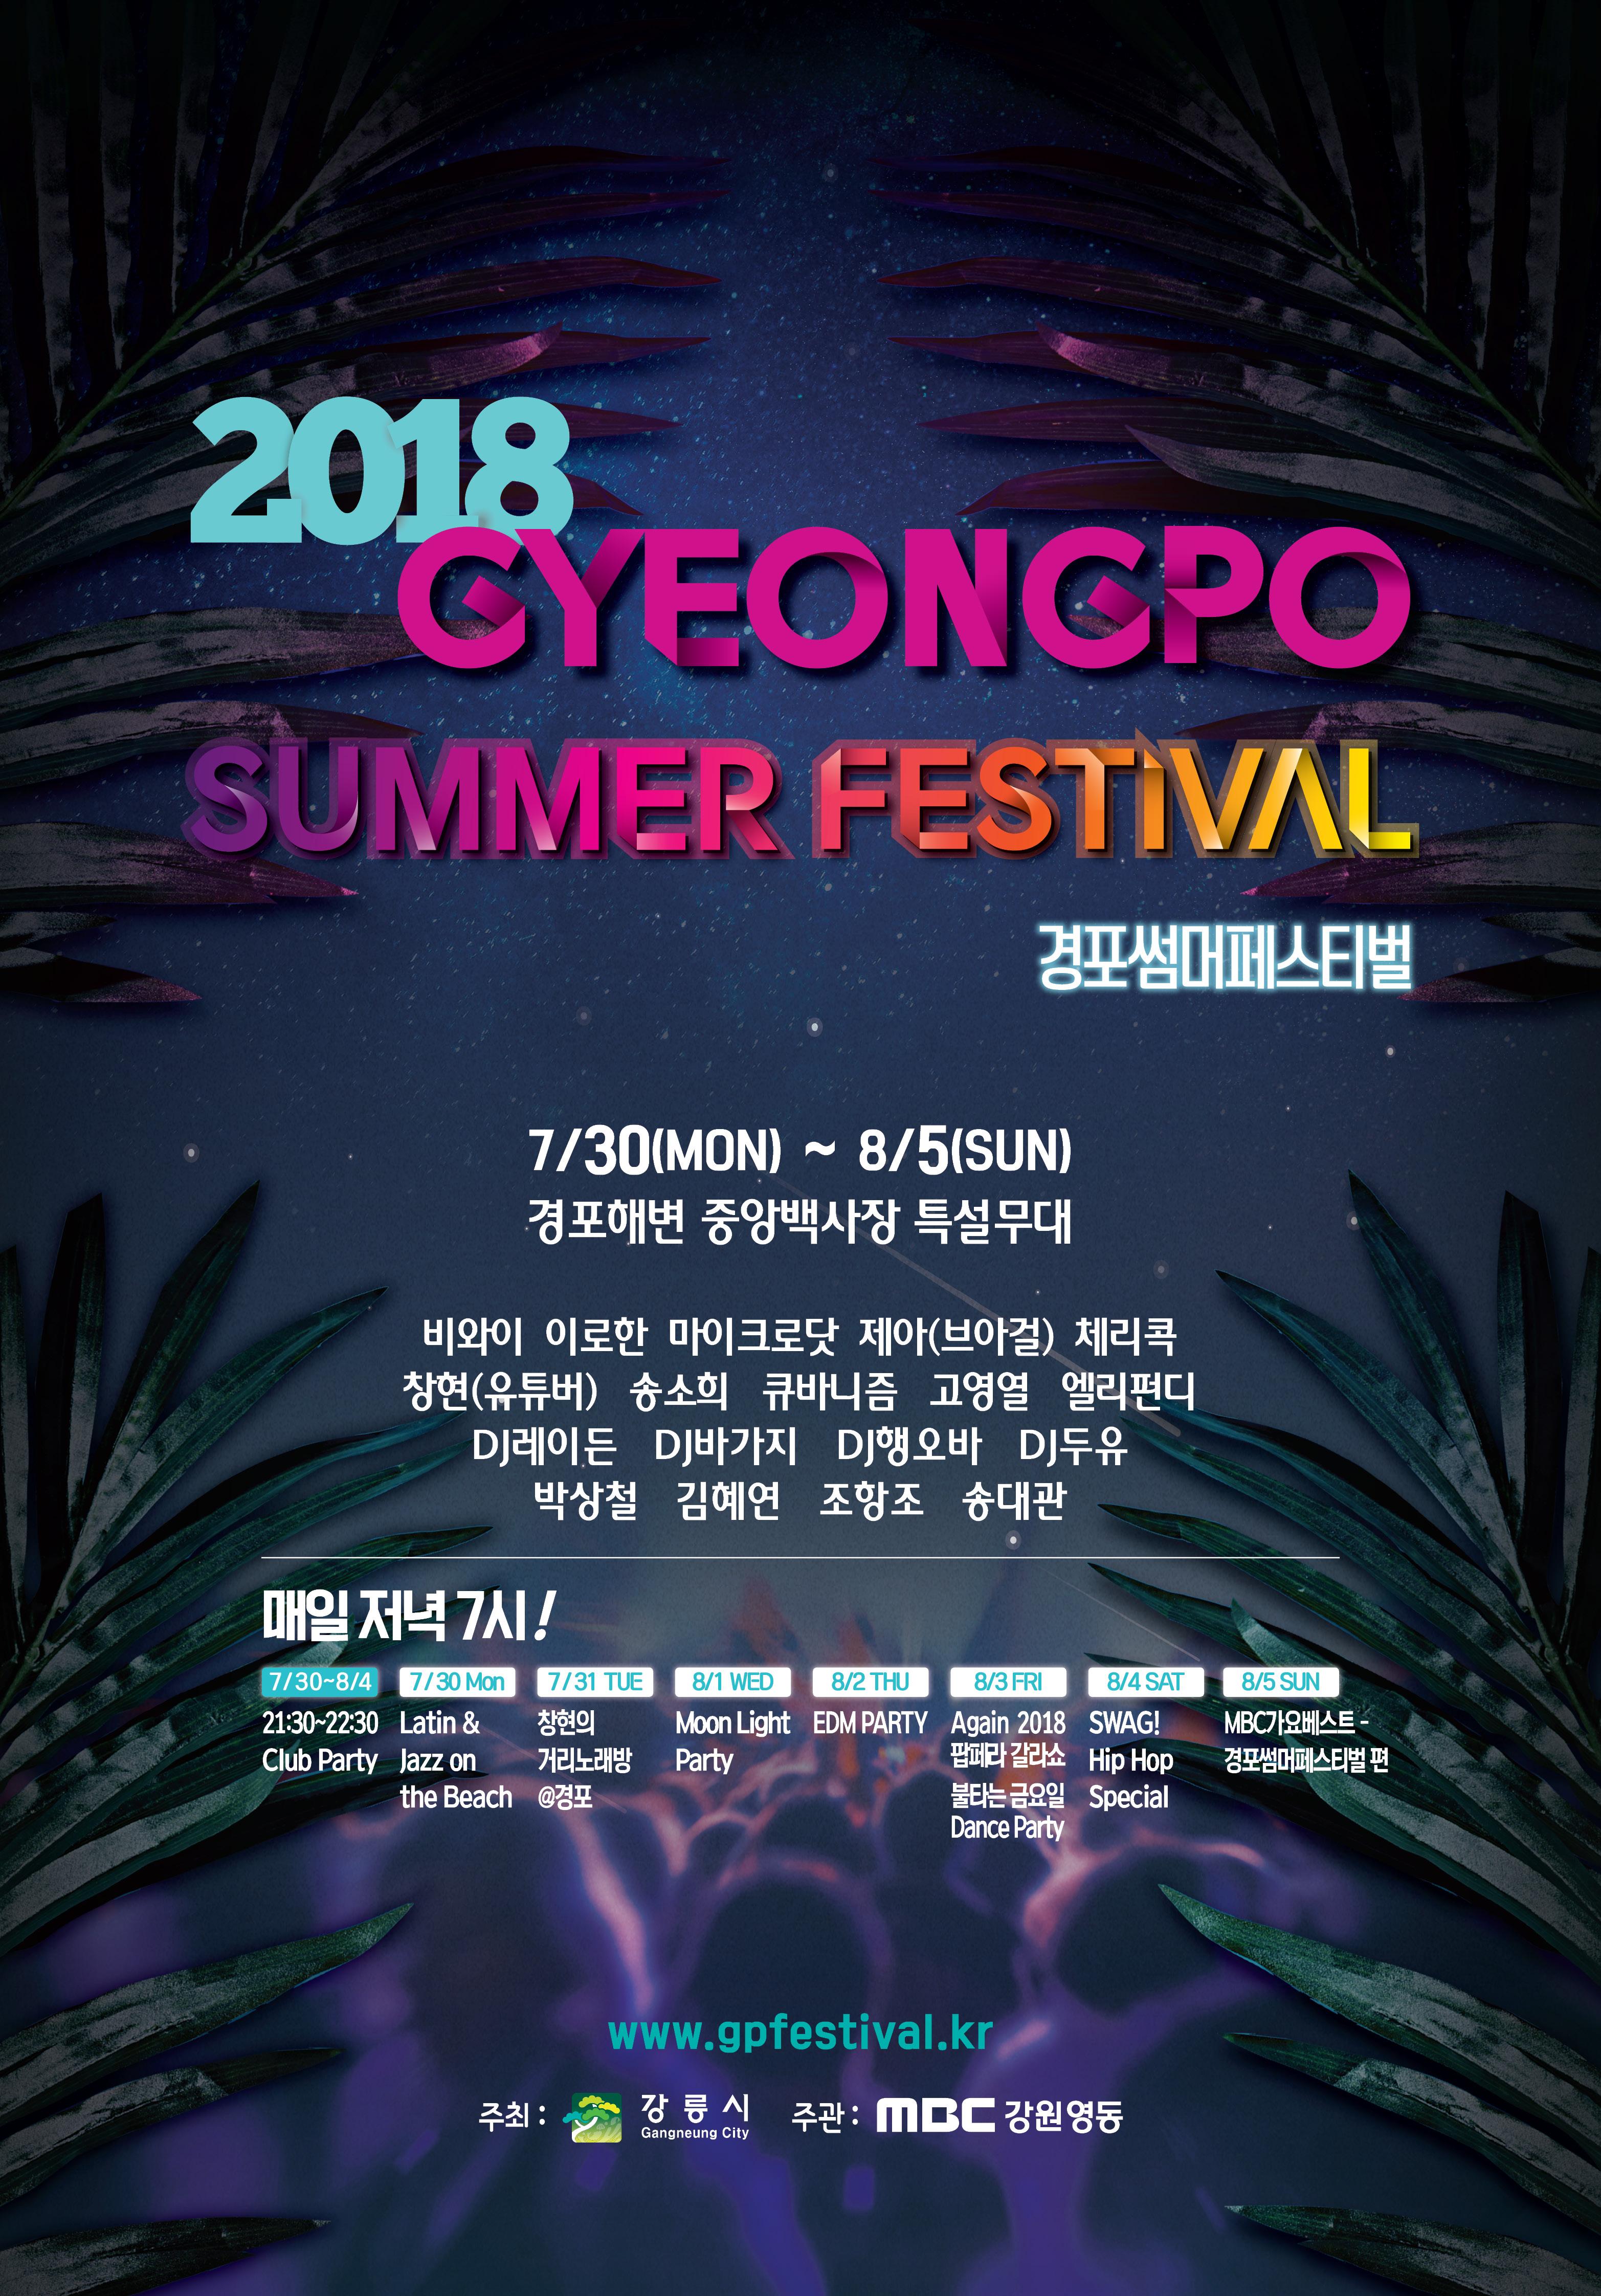 2018 경포 썸머 페스티벌